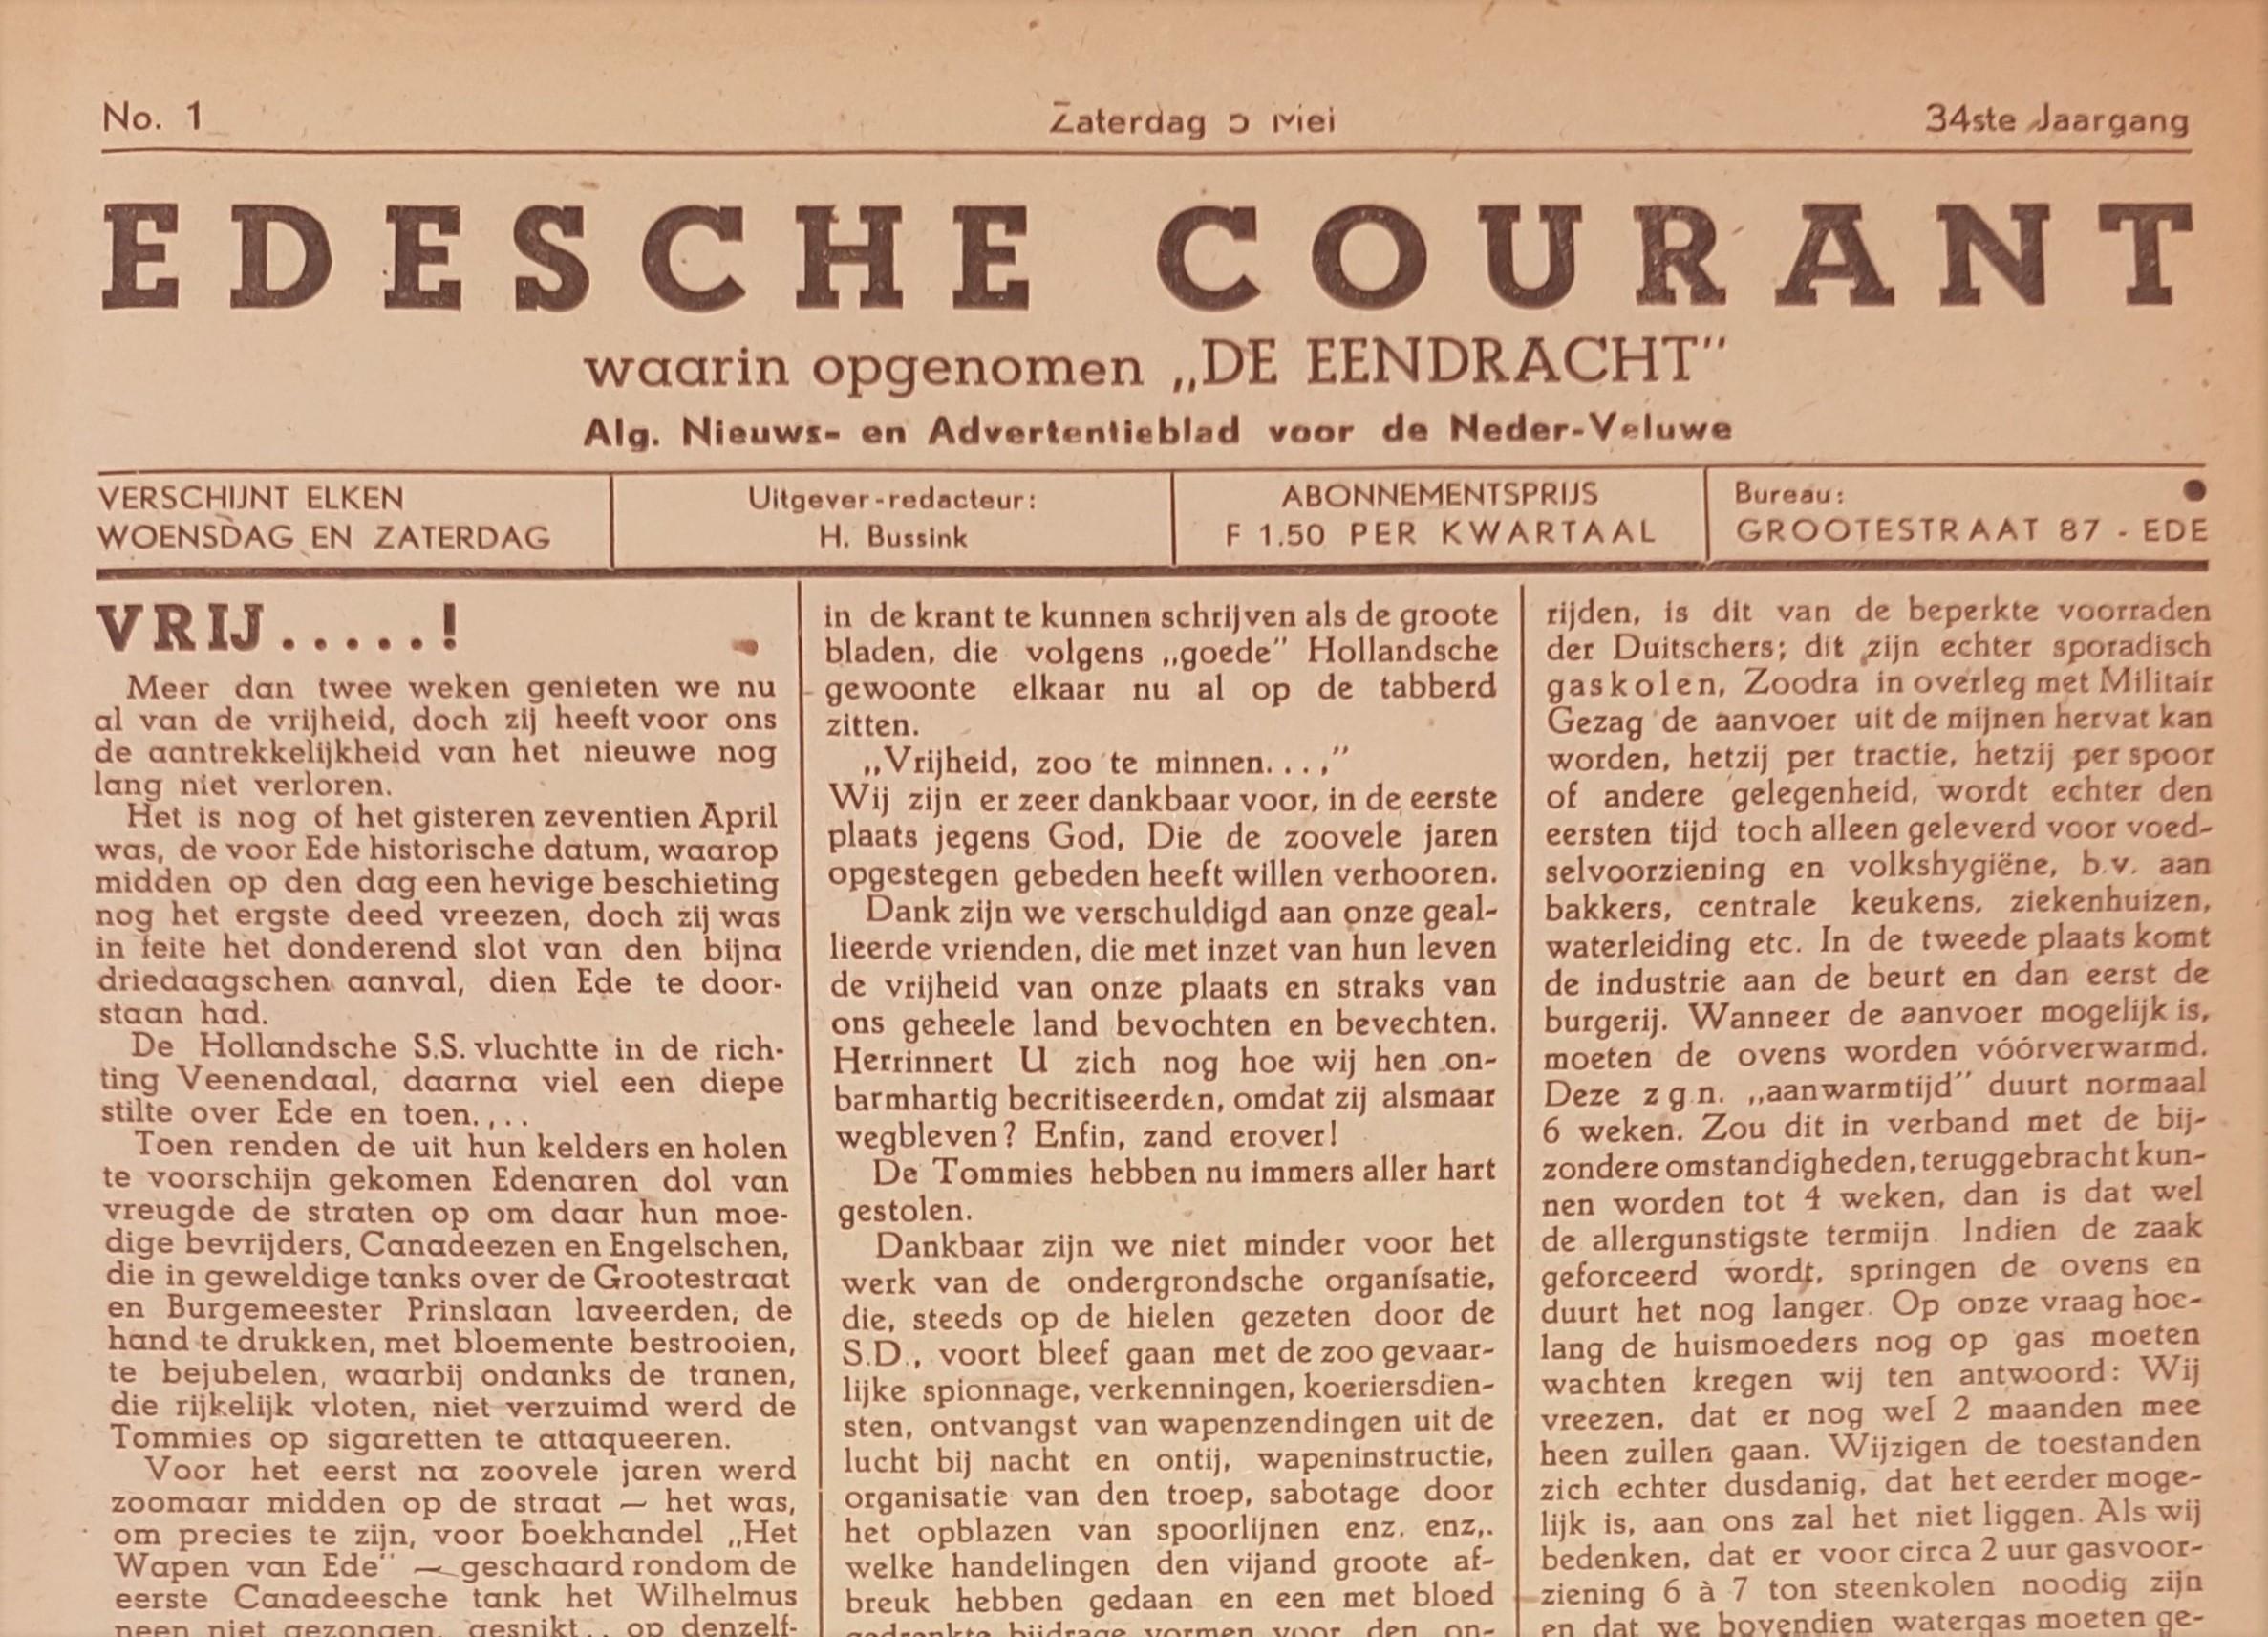 Edese Courant waarin opgenomen de Eendracht 5 mei 1945 uitsnede